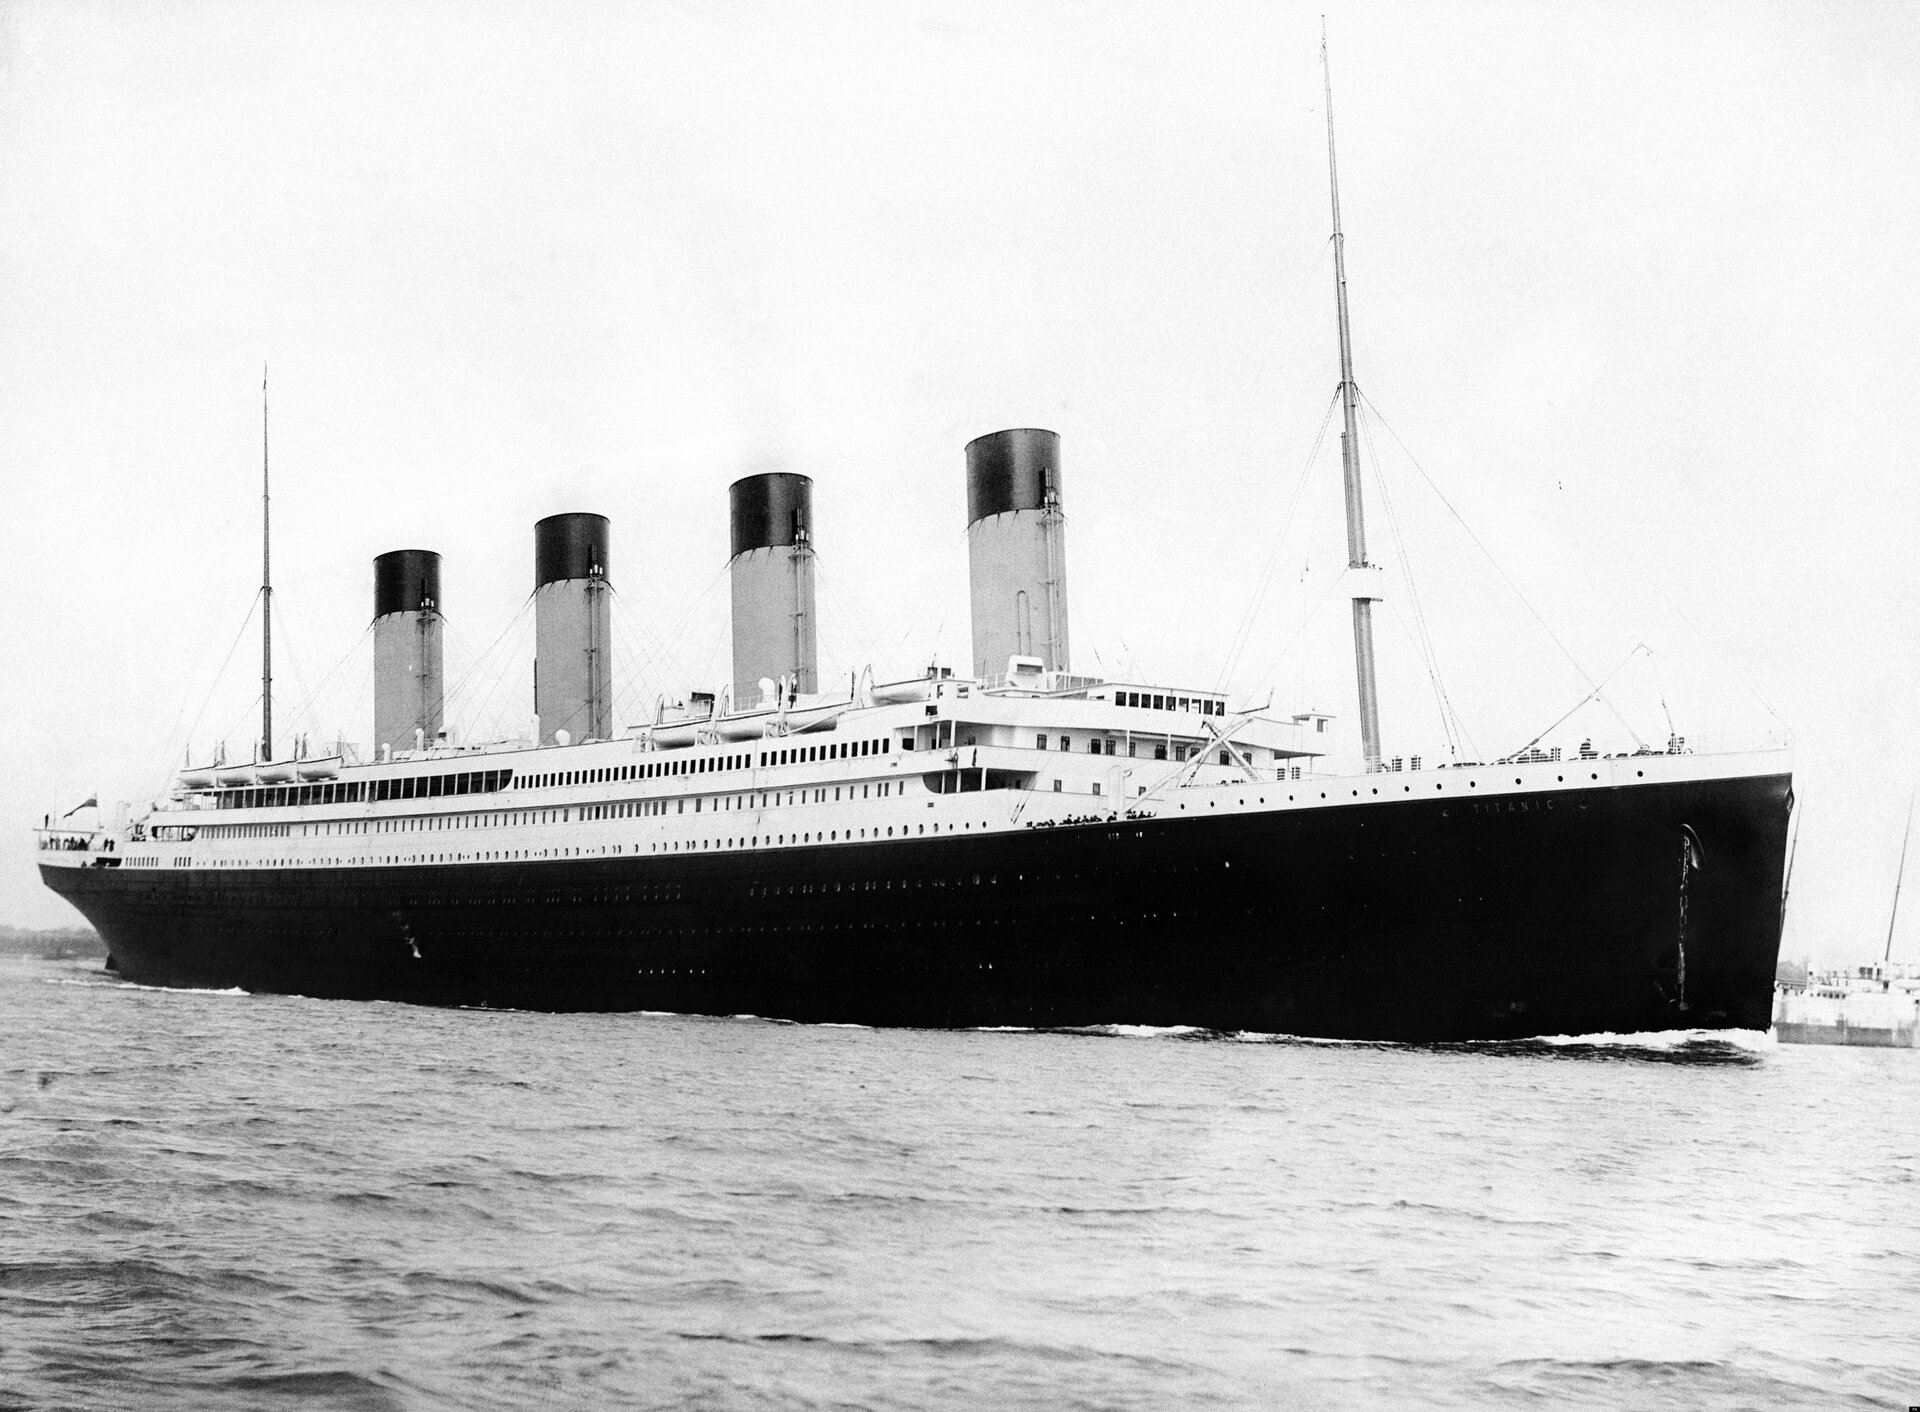 Statek parowy – Titanic Źródło: F.G.O. Stuart, Statek parowy – Titanic, licencja: CC 0.